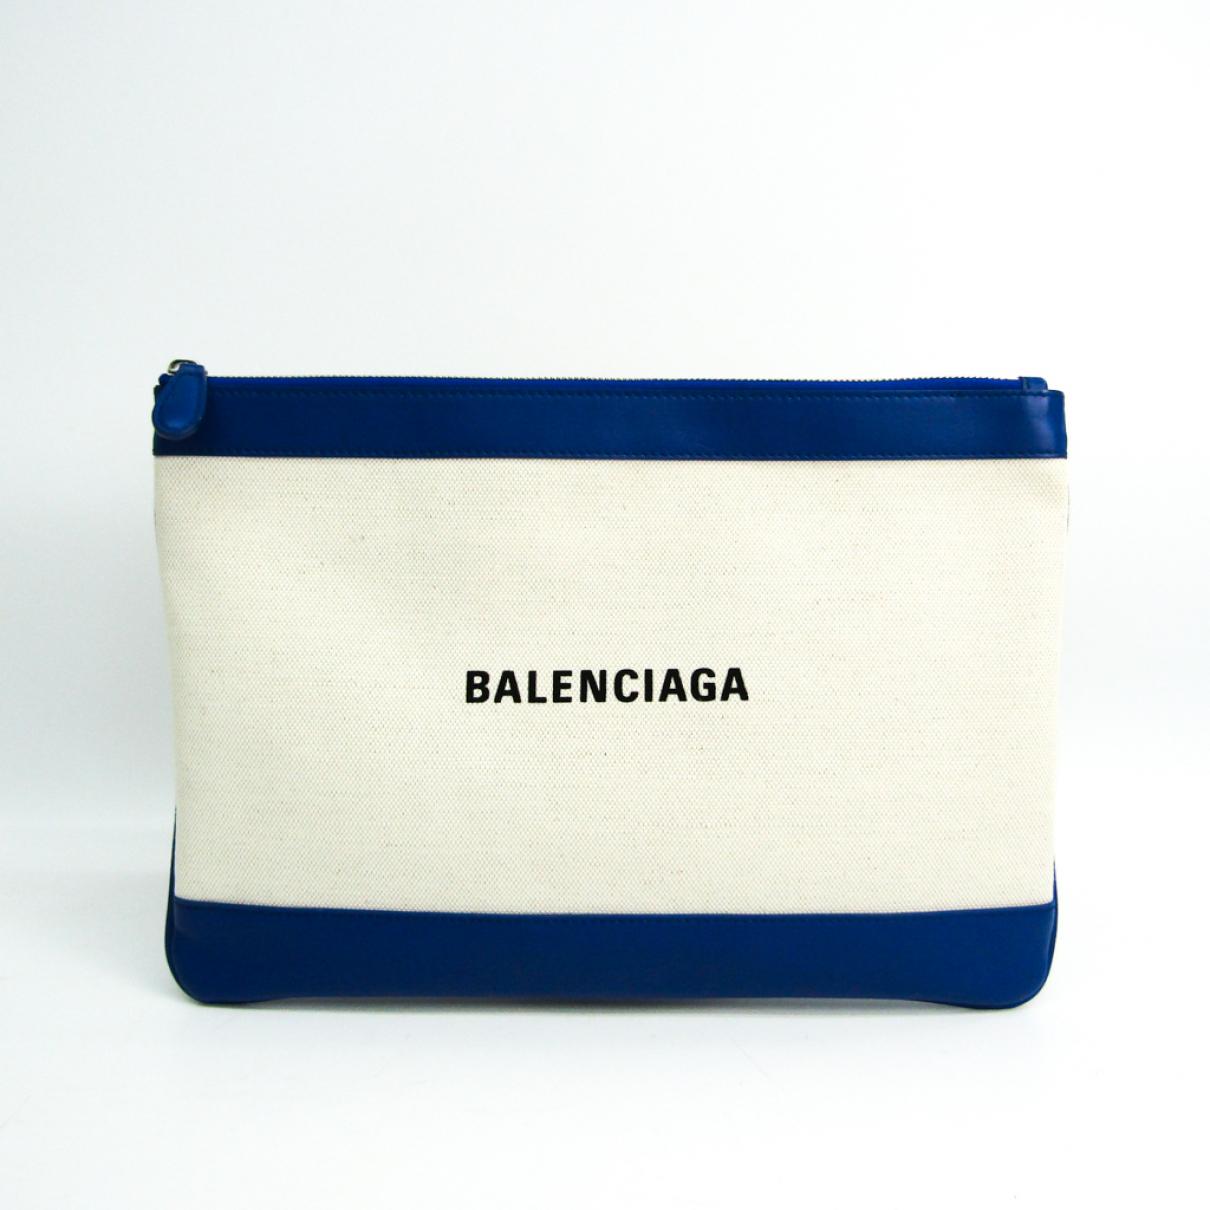 Balenciaga N Blue Leather Clutch bag for Women N